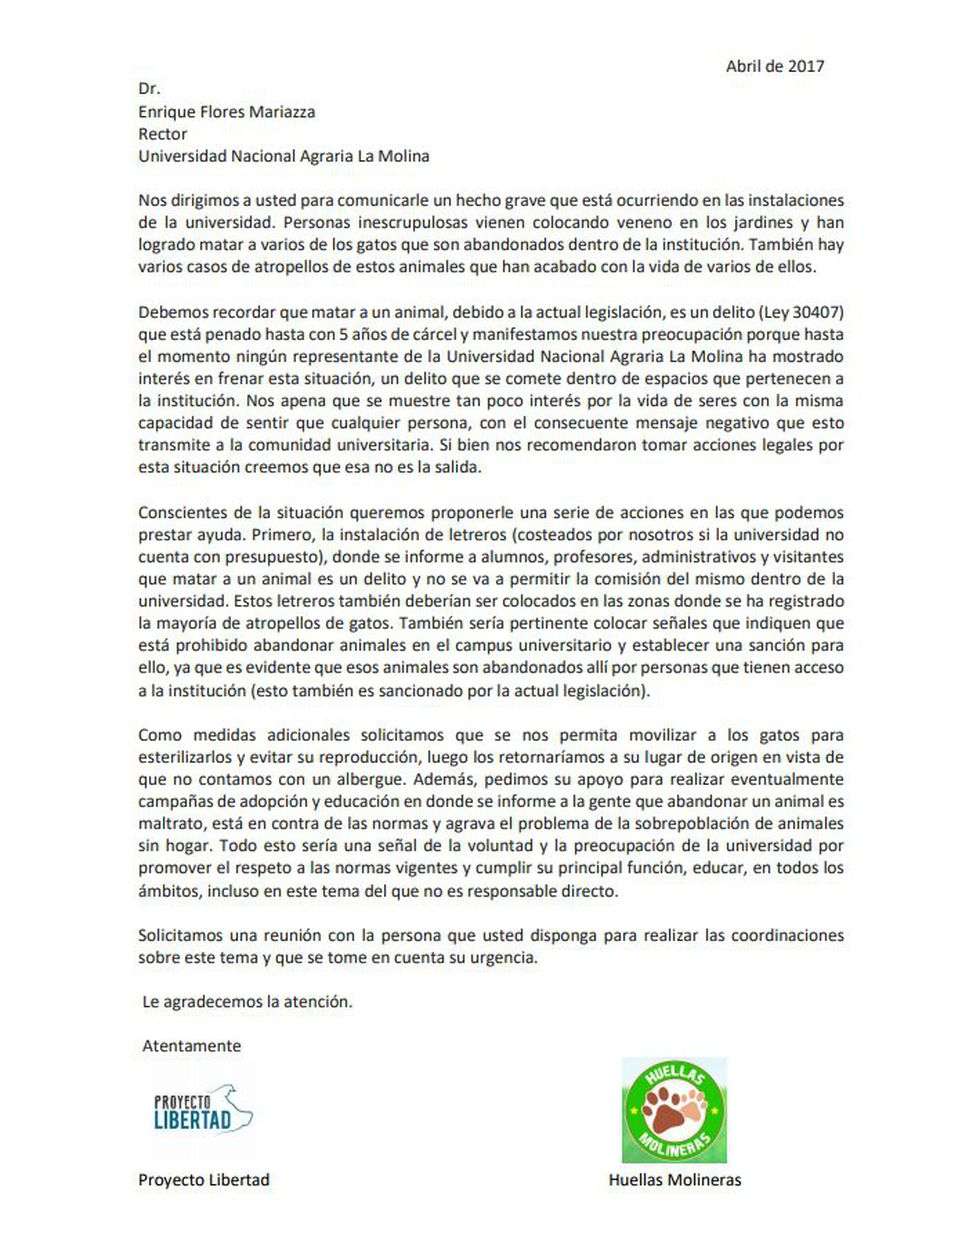 Esta es la carta que el Proyecto Libertad le envió al rector de la Universidad Agraria La Molina en abril de este año.